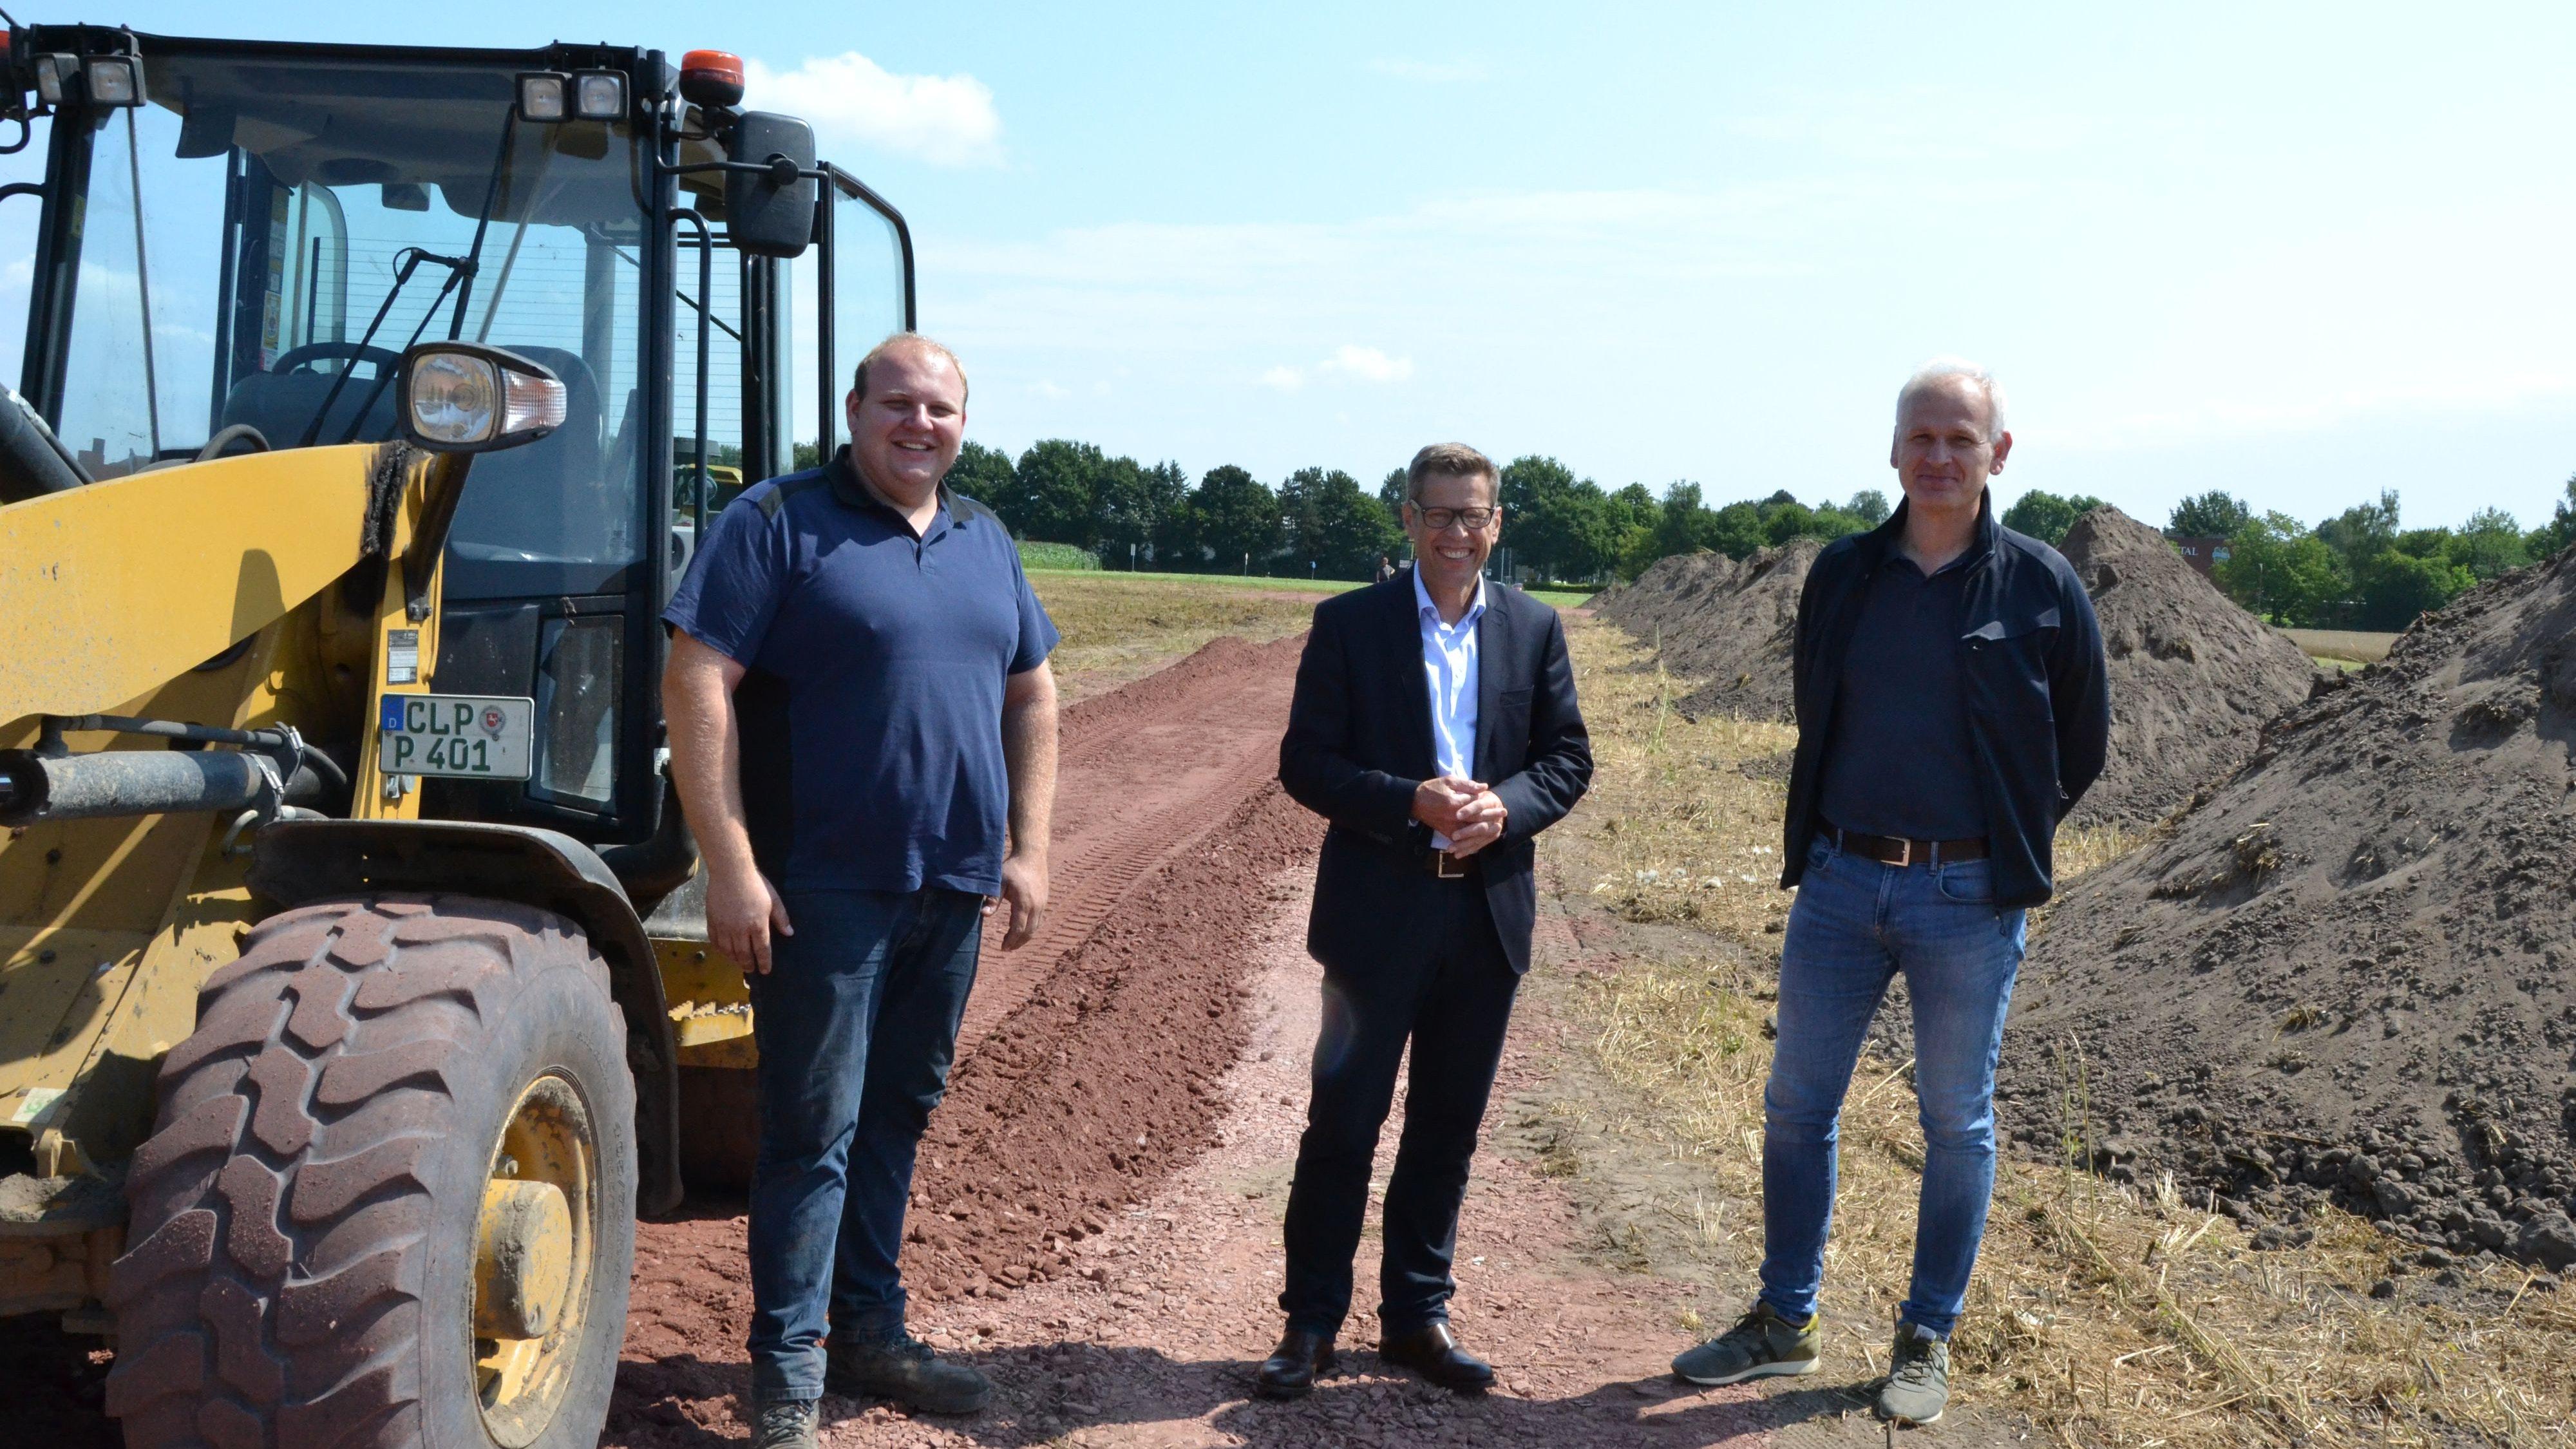 Erster Schritt: Patrick Poppe (von links) hat die Verbindungsstraße angelegt. Bürgermeister Marcus Willen und Jens Flerlage (Tiefbauamt) kümmern sich um die weiteren Planungen. Foto: G. Meyer